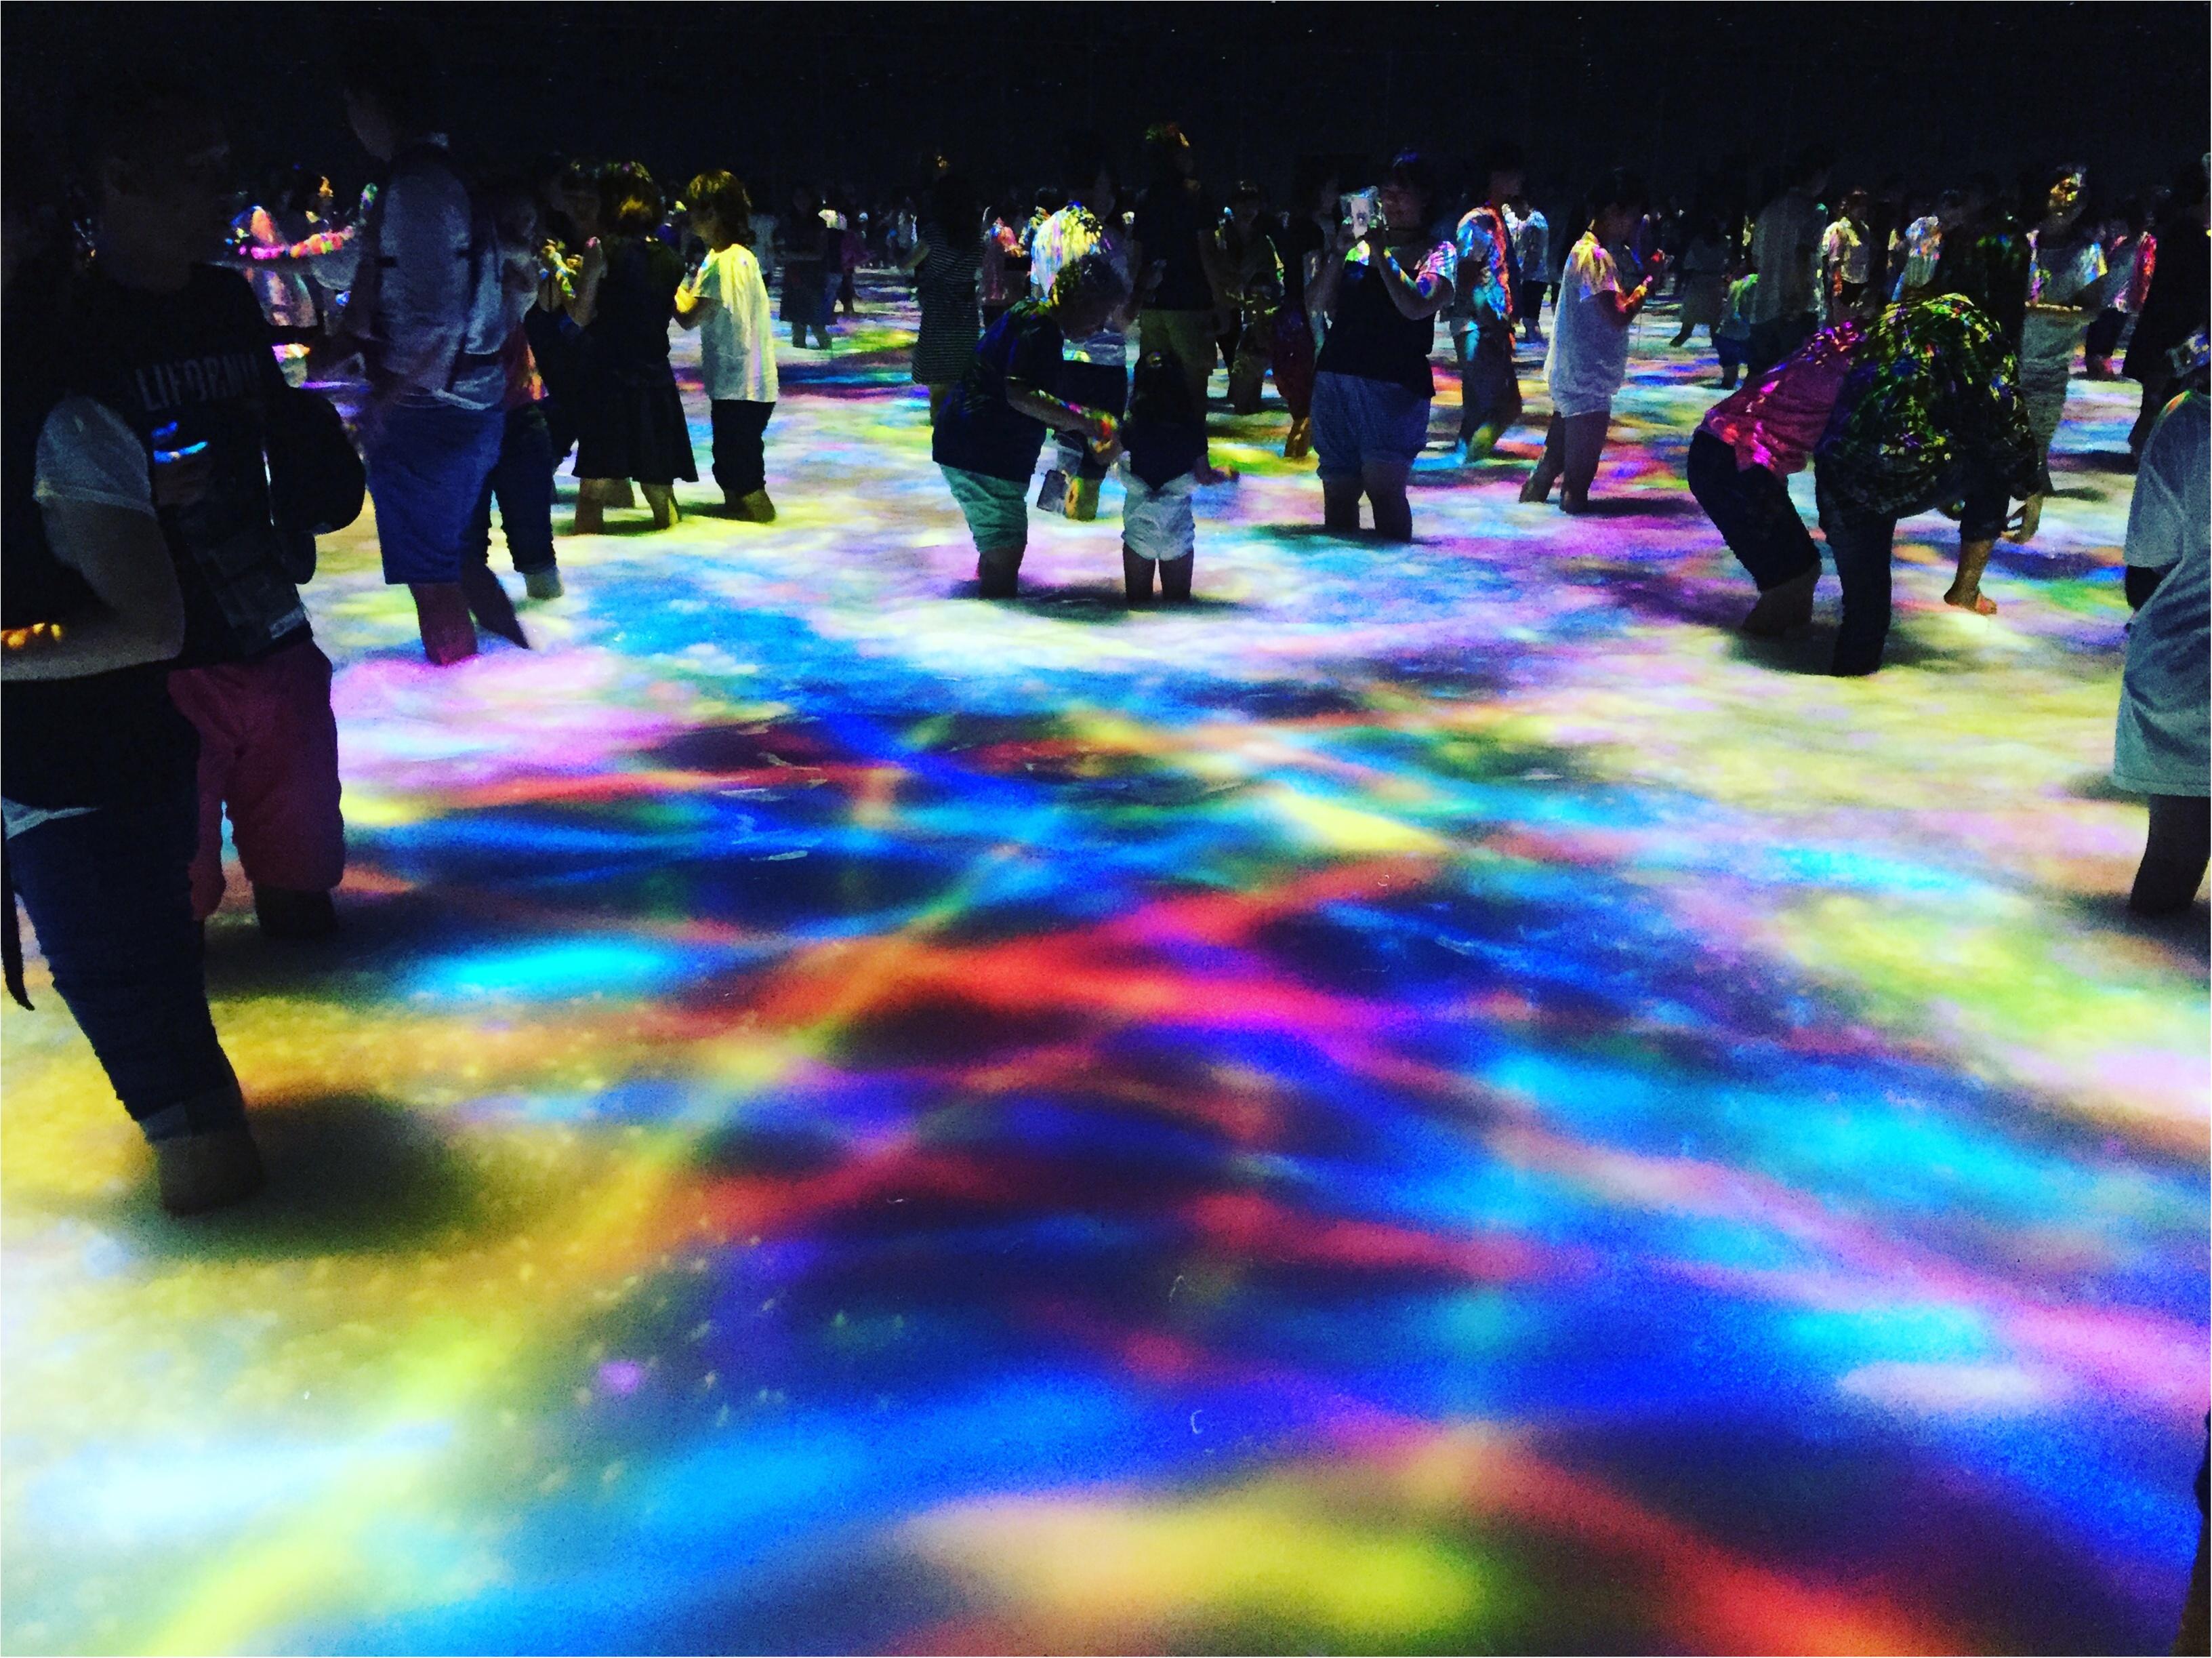 【夏のお出掛けスポット/DMM.プラネッツ Art by teamLab】水に浸かったり仰向けになったりして鑑賞する『デジタルアート』が幻想的✨8/31まで!お台場に急げ♩≪samenyan≫_16